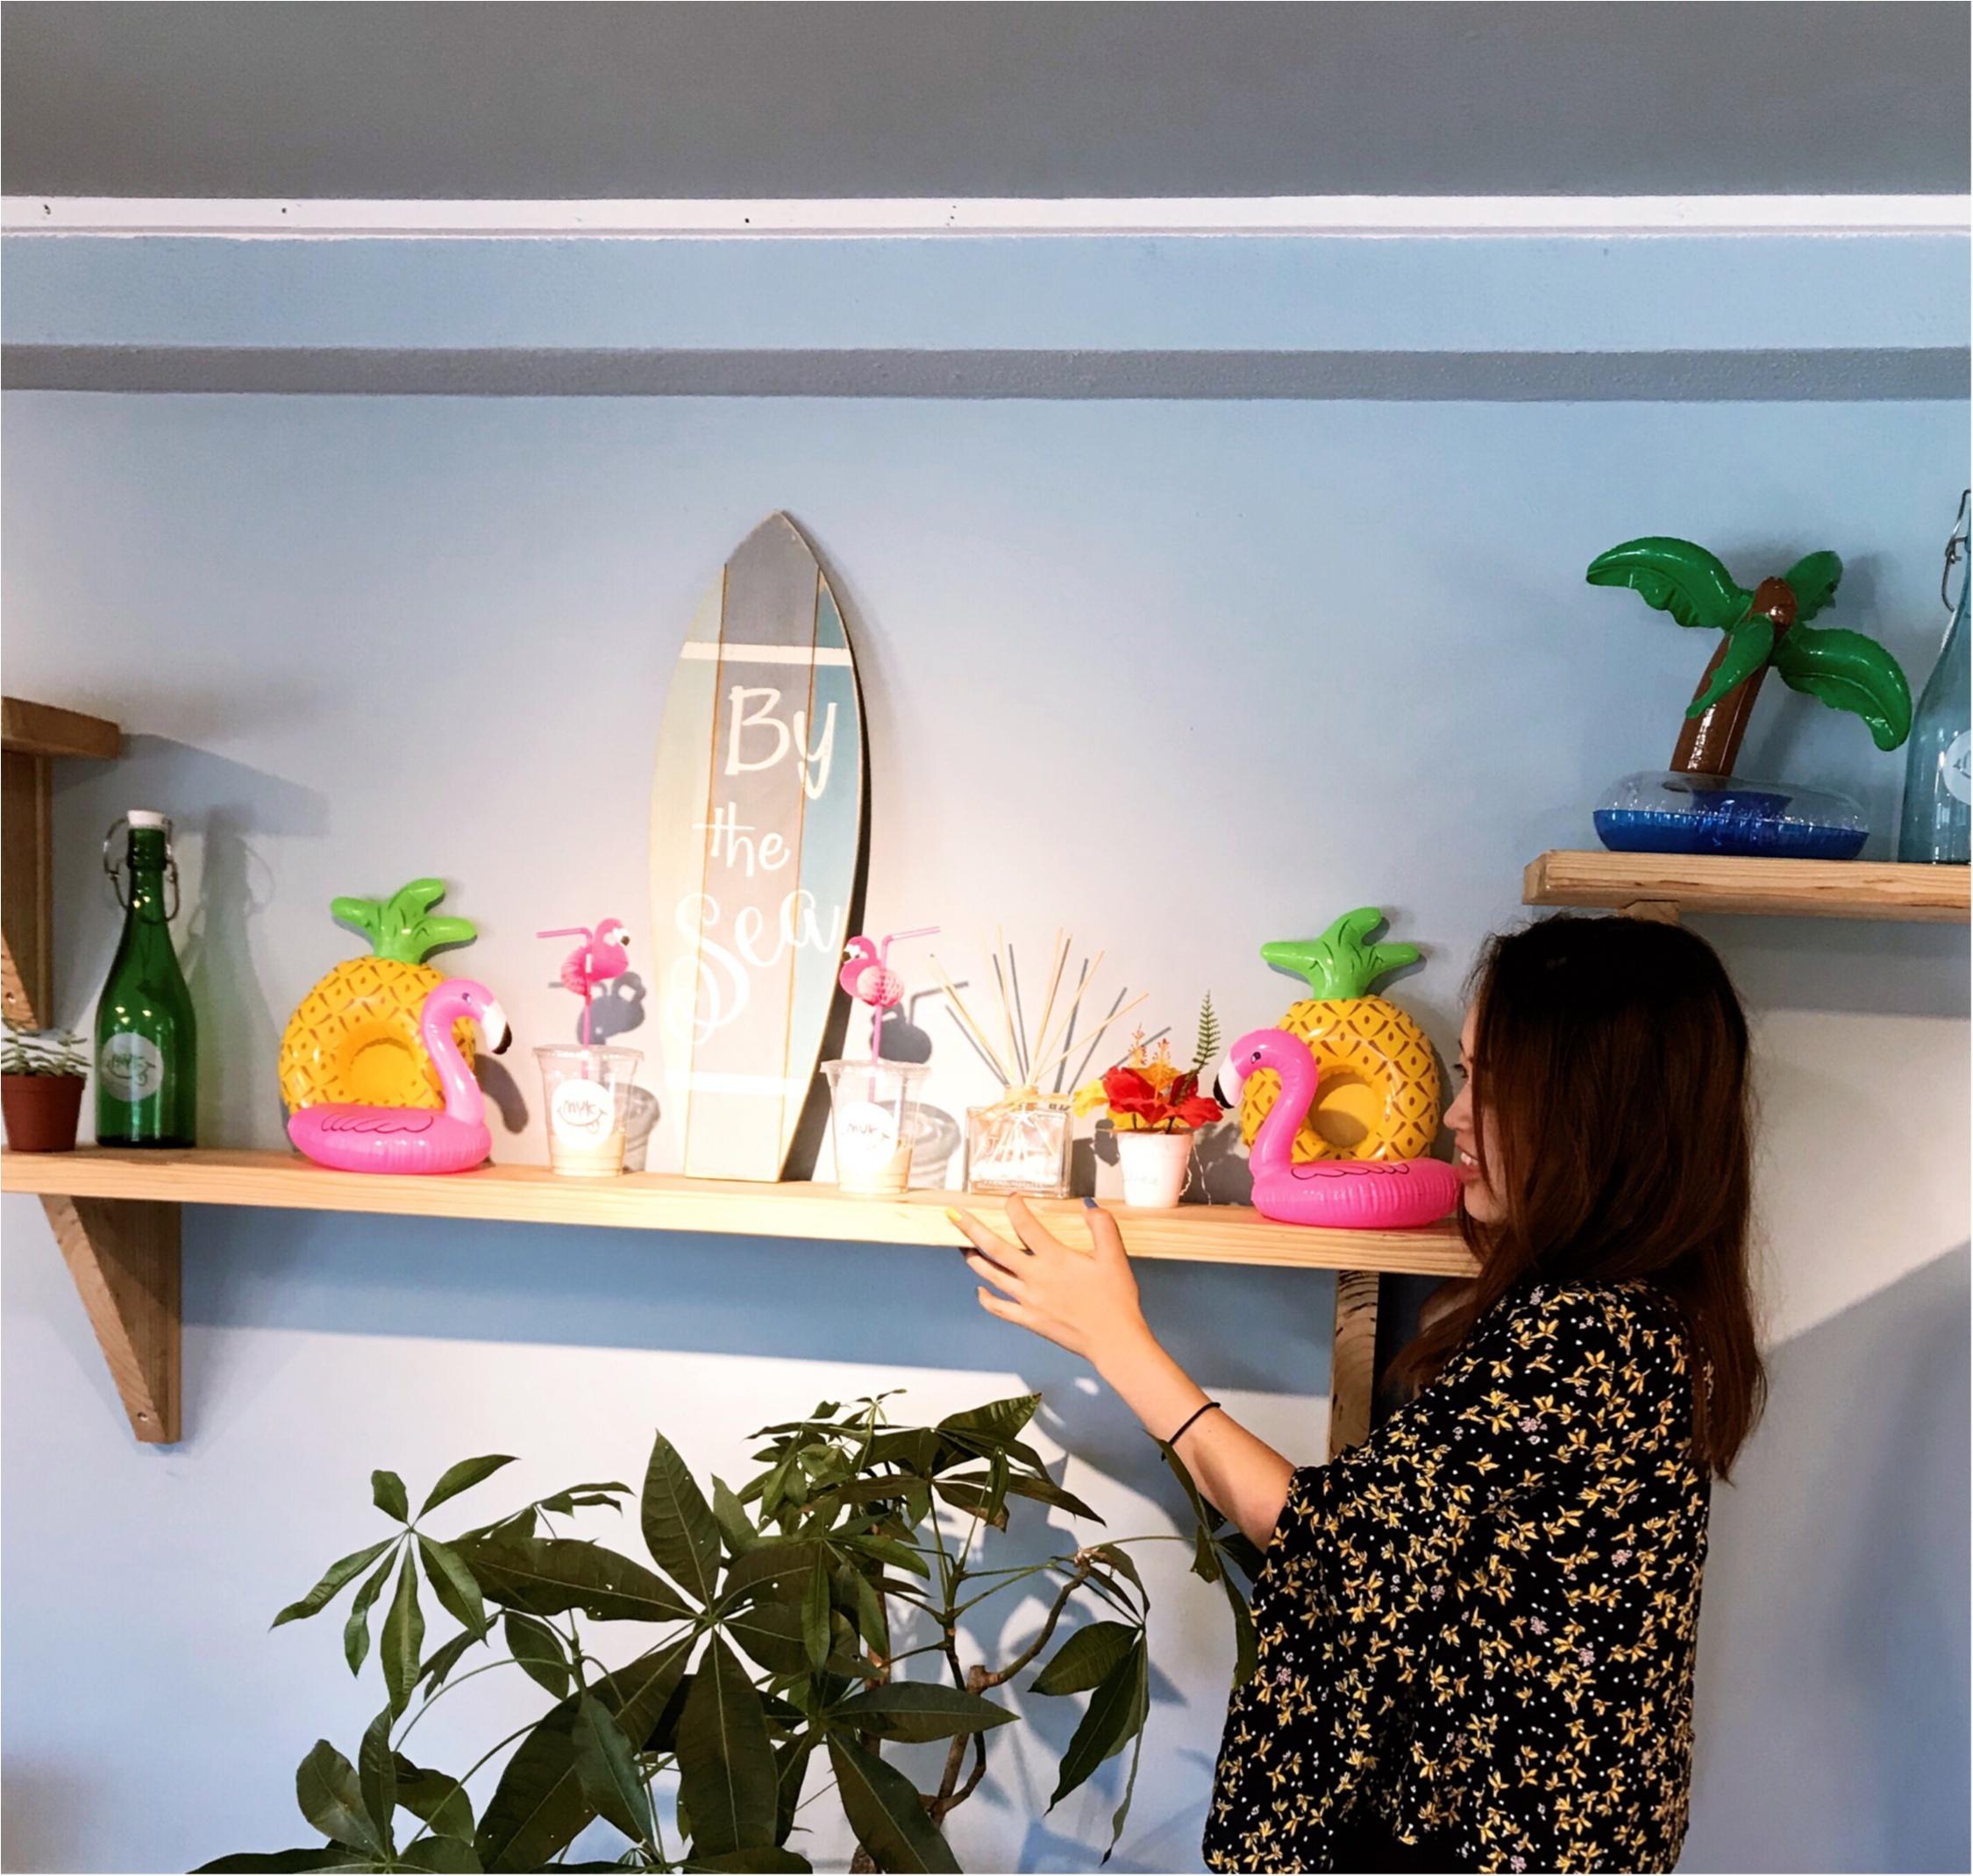 【宮古島カフェ】カラフルすぎて可愛い♡もはやインスタ映えのためのmykカフェ♡♡_2